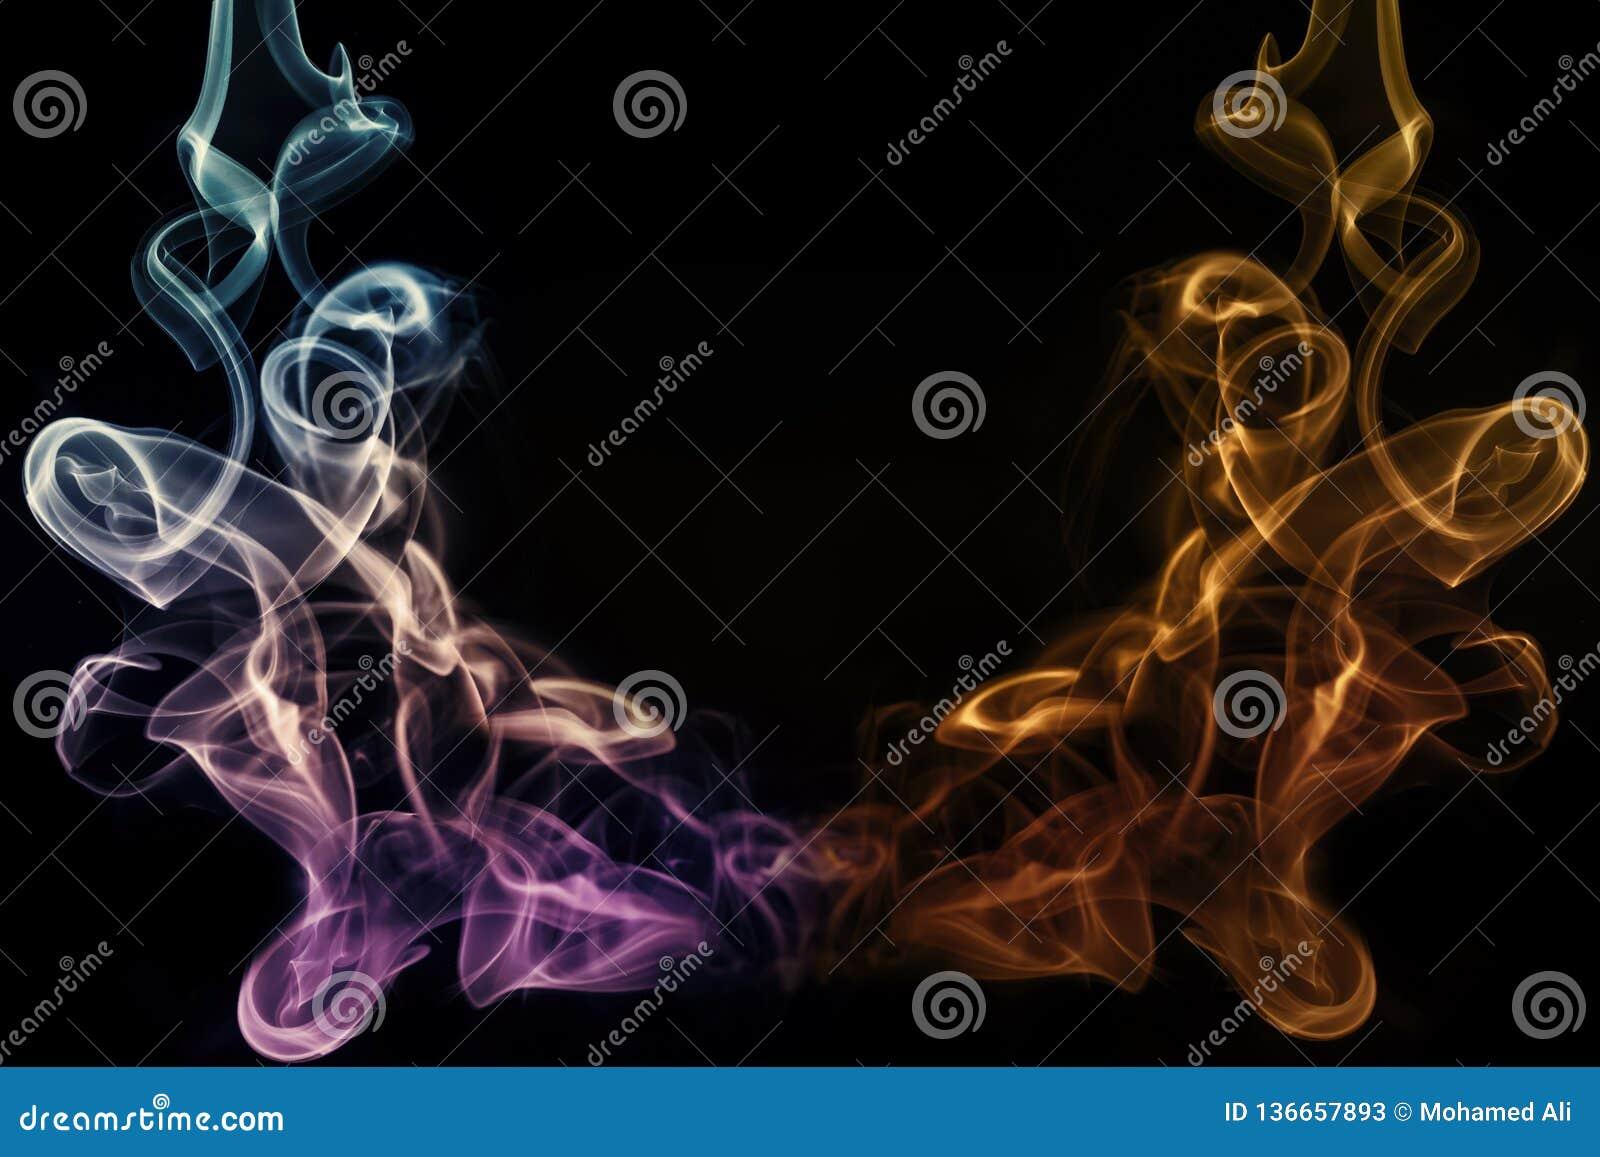 Zusammenfassungs-künstlerisches buntes Weiche und glatter Rauch-Effekt-Hintergrund